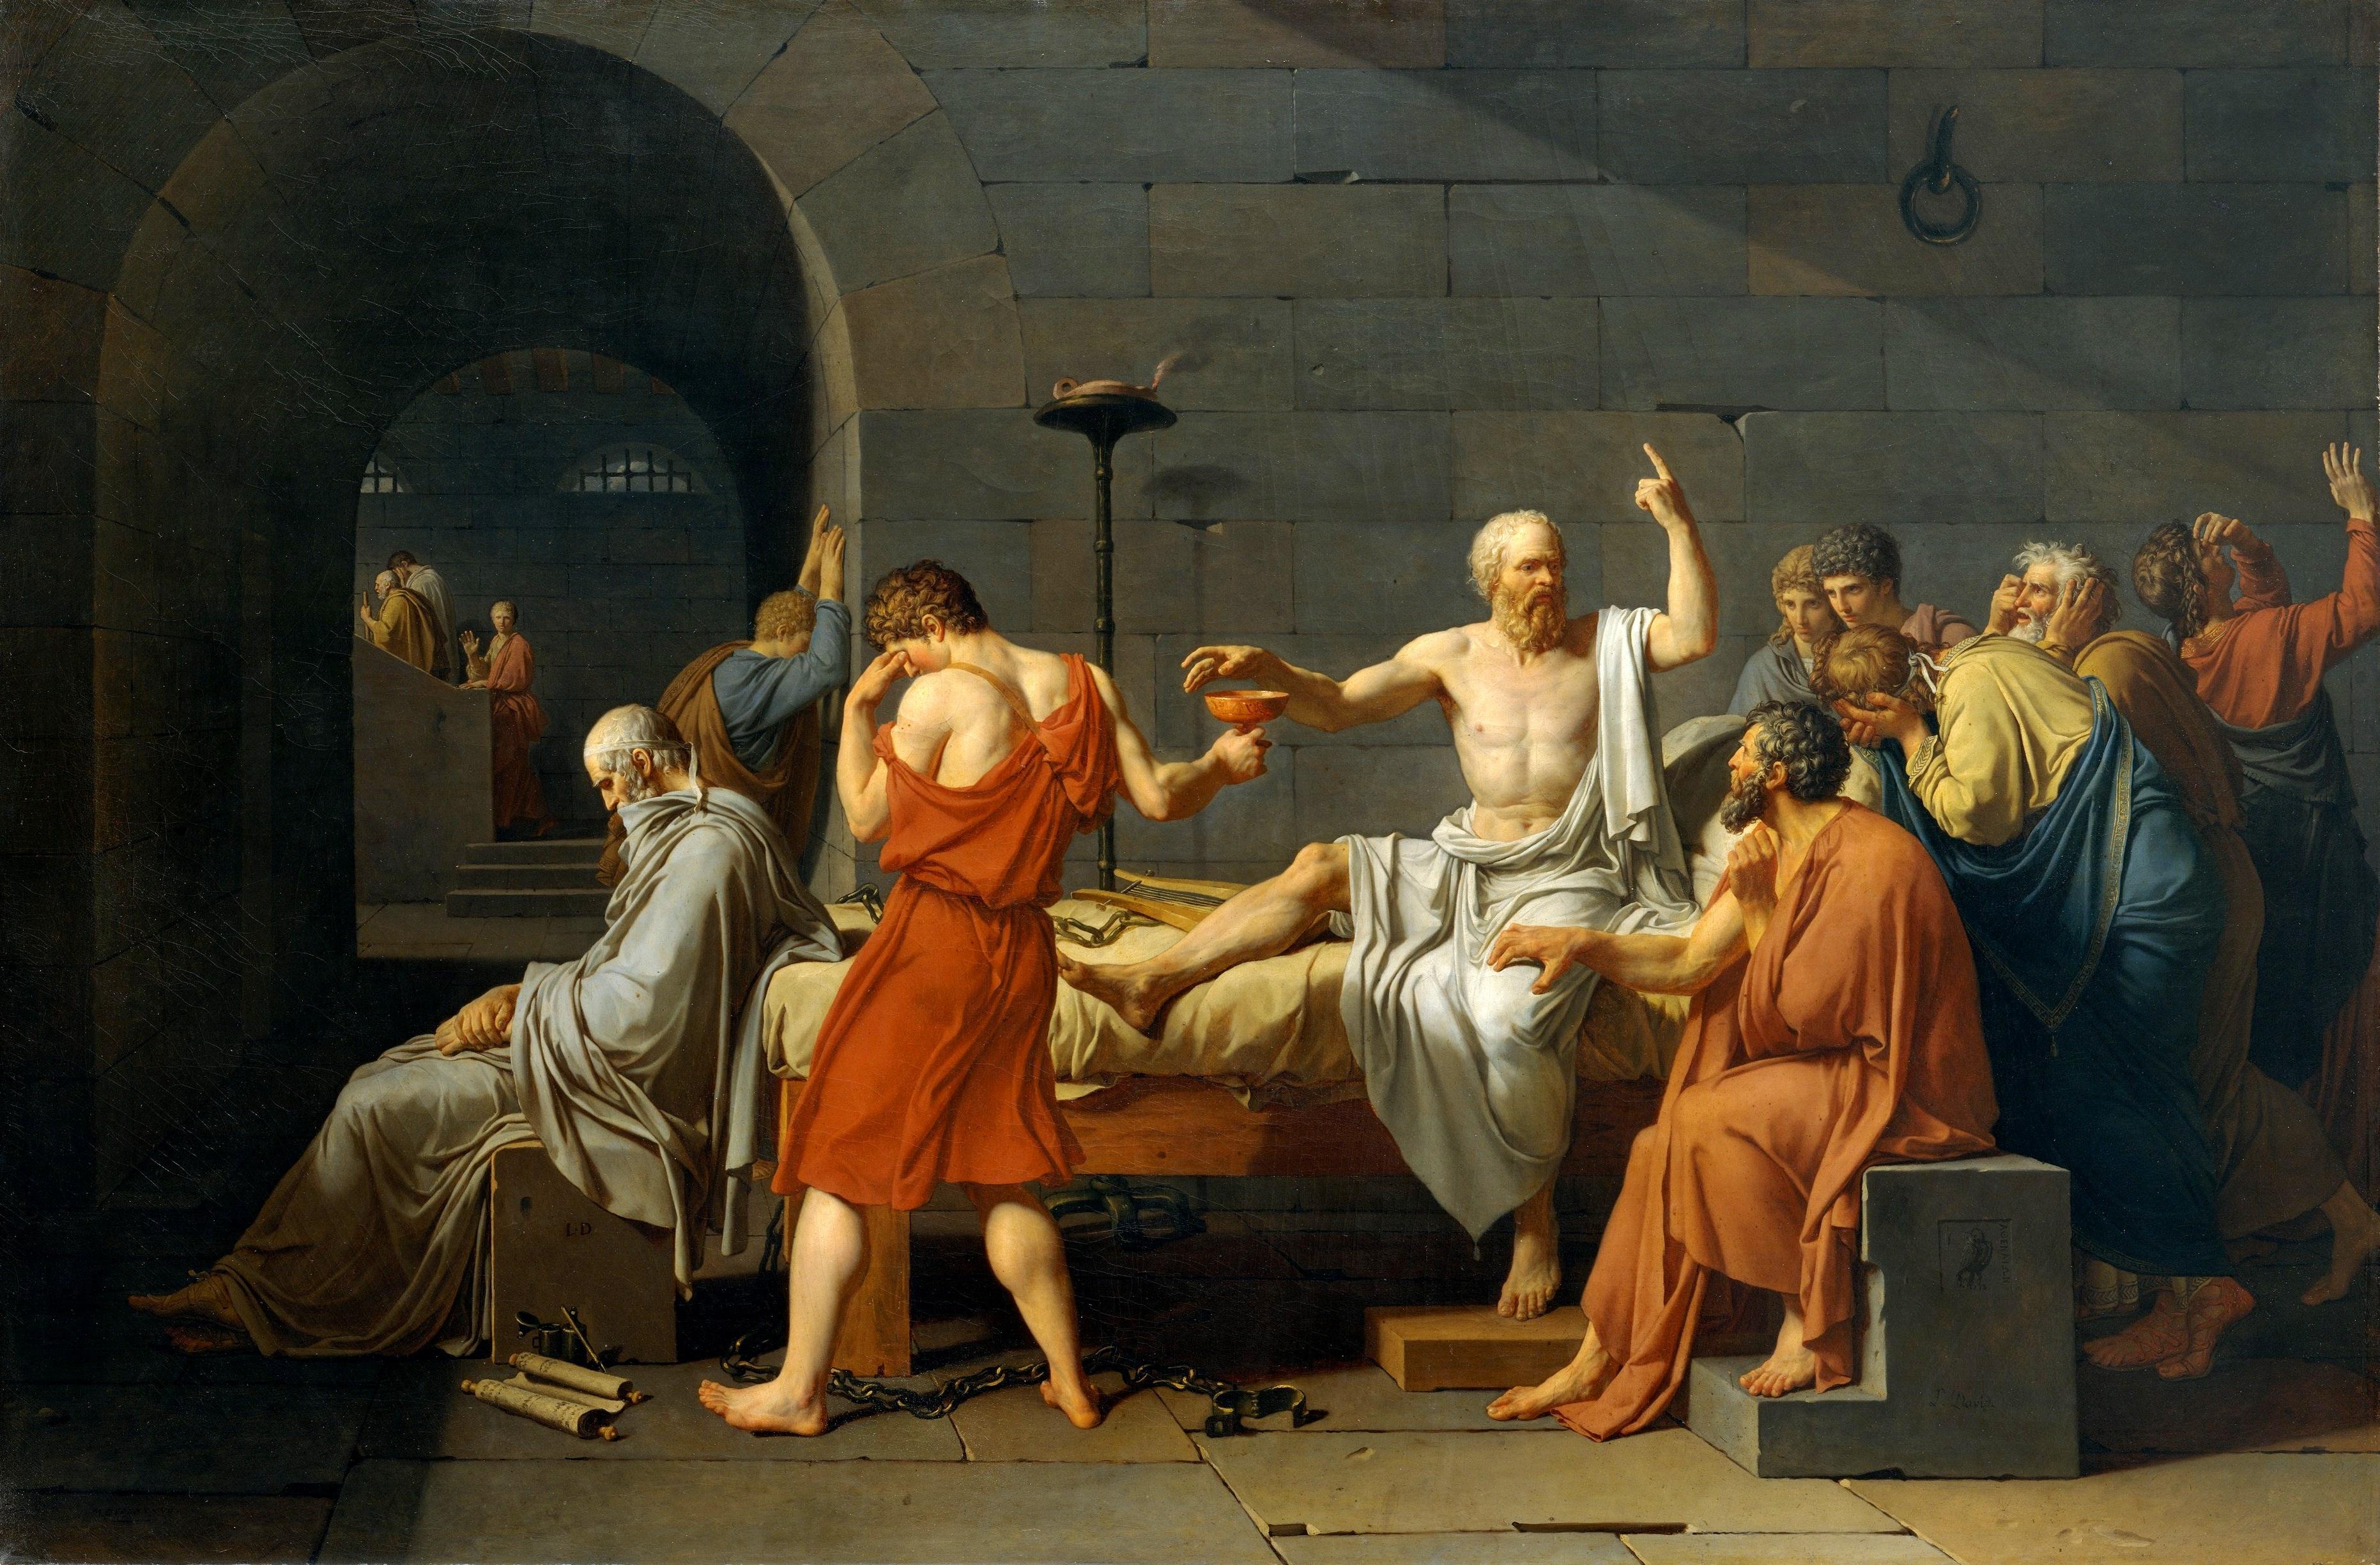 """""""La Mort de Socrate"""" (La muerte de Sócrates) de Jaques-Louis David. Obra que representa la condena a muerte del filósofo posterior a su exposición ante los jueces."""